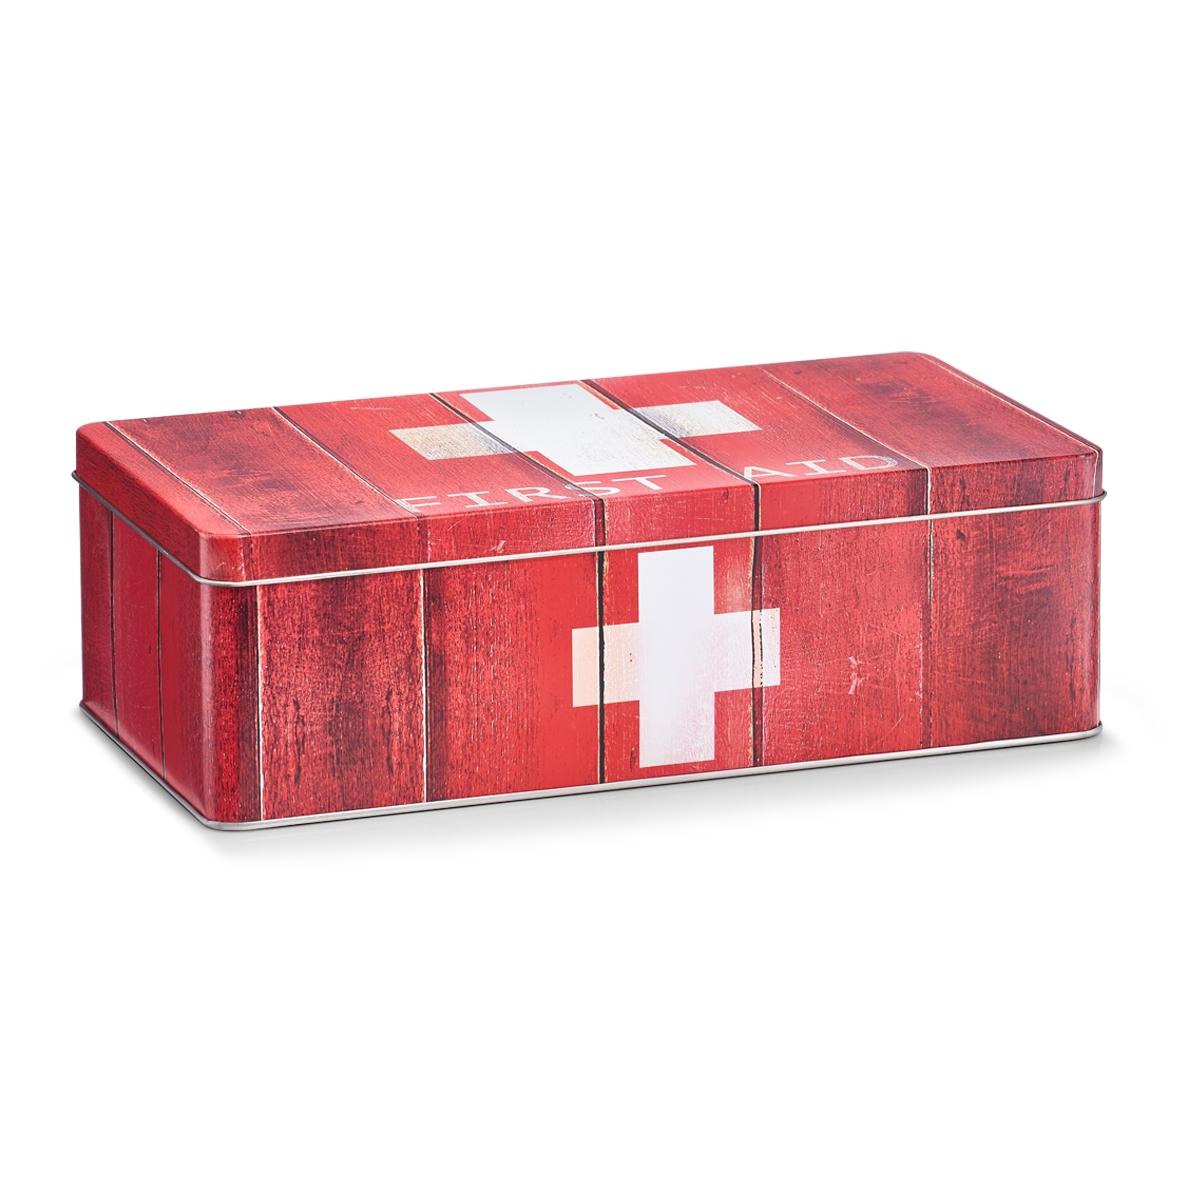 Cutie pentru depozitarea medicamentelor, First Aid, Metal Red, l26,2xA13,8xH8,2 cm imagine